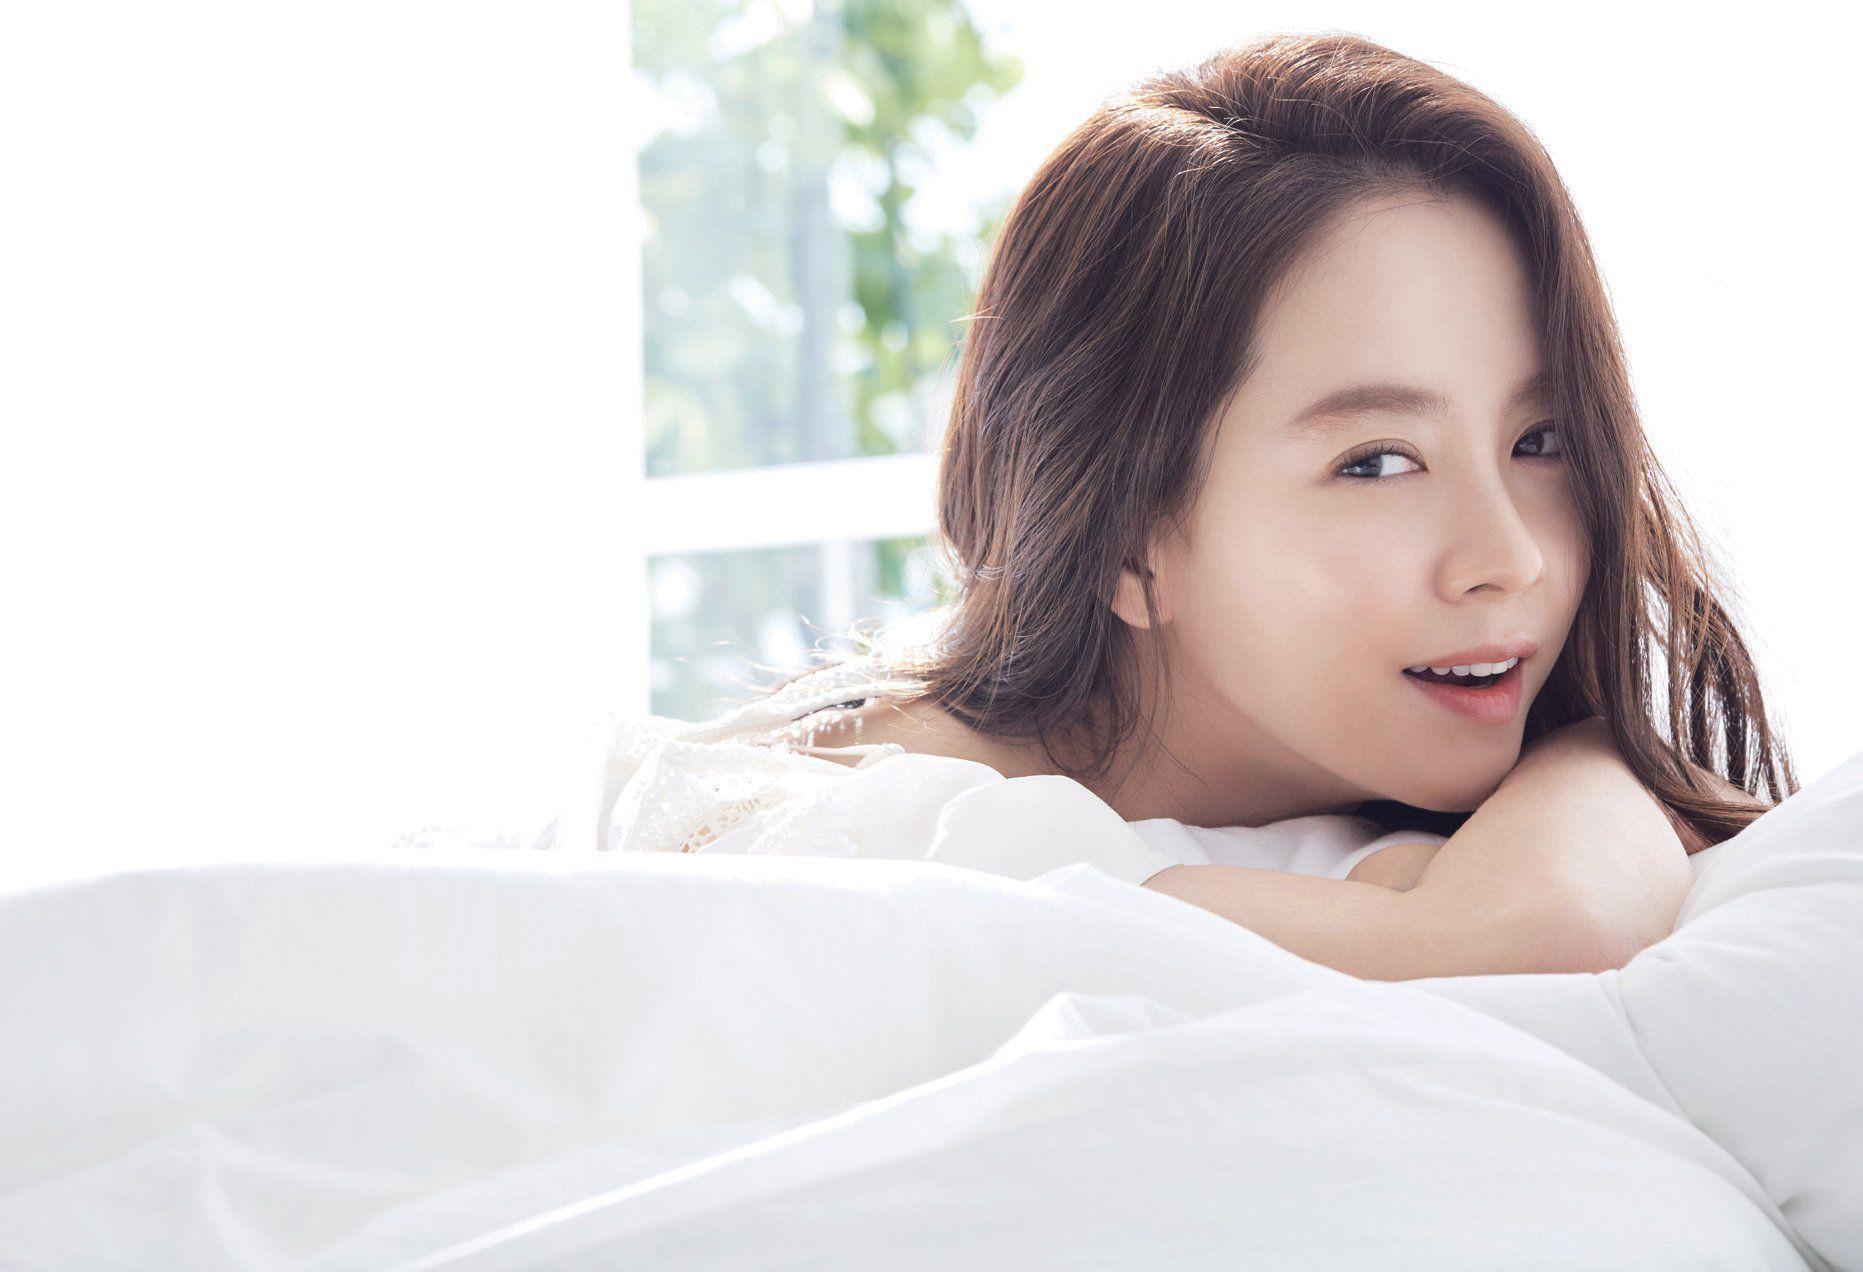 Song Ji Hyo ở vị trí thứ 5, nằm trong top 5 mỹ nhân châu Á đẹp nhất.